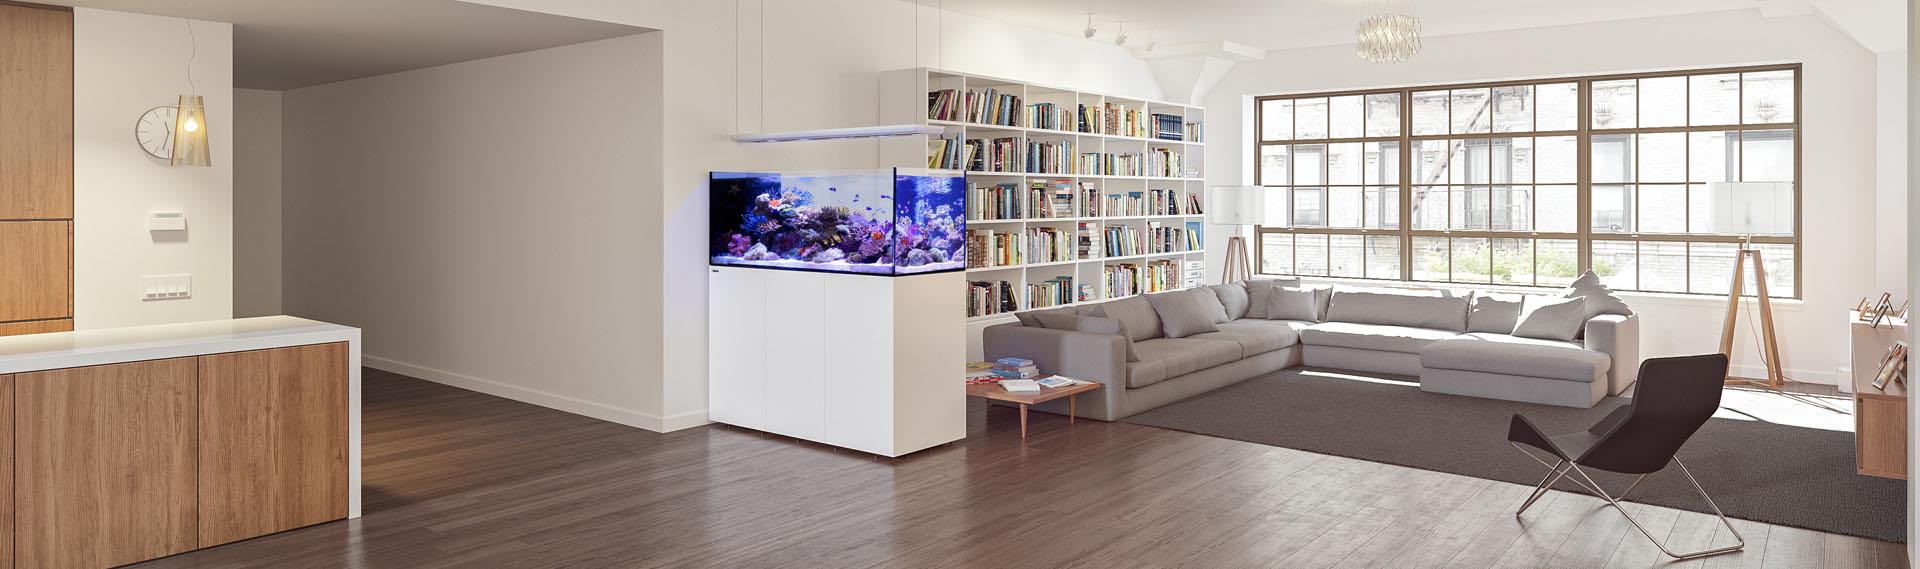 departamento-acuario